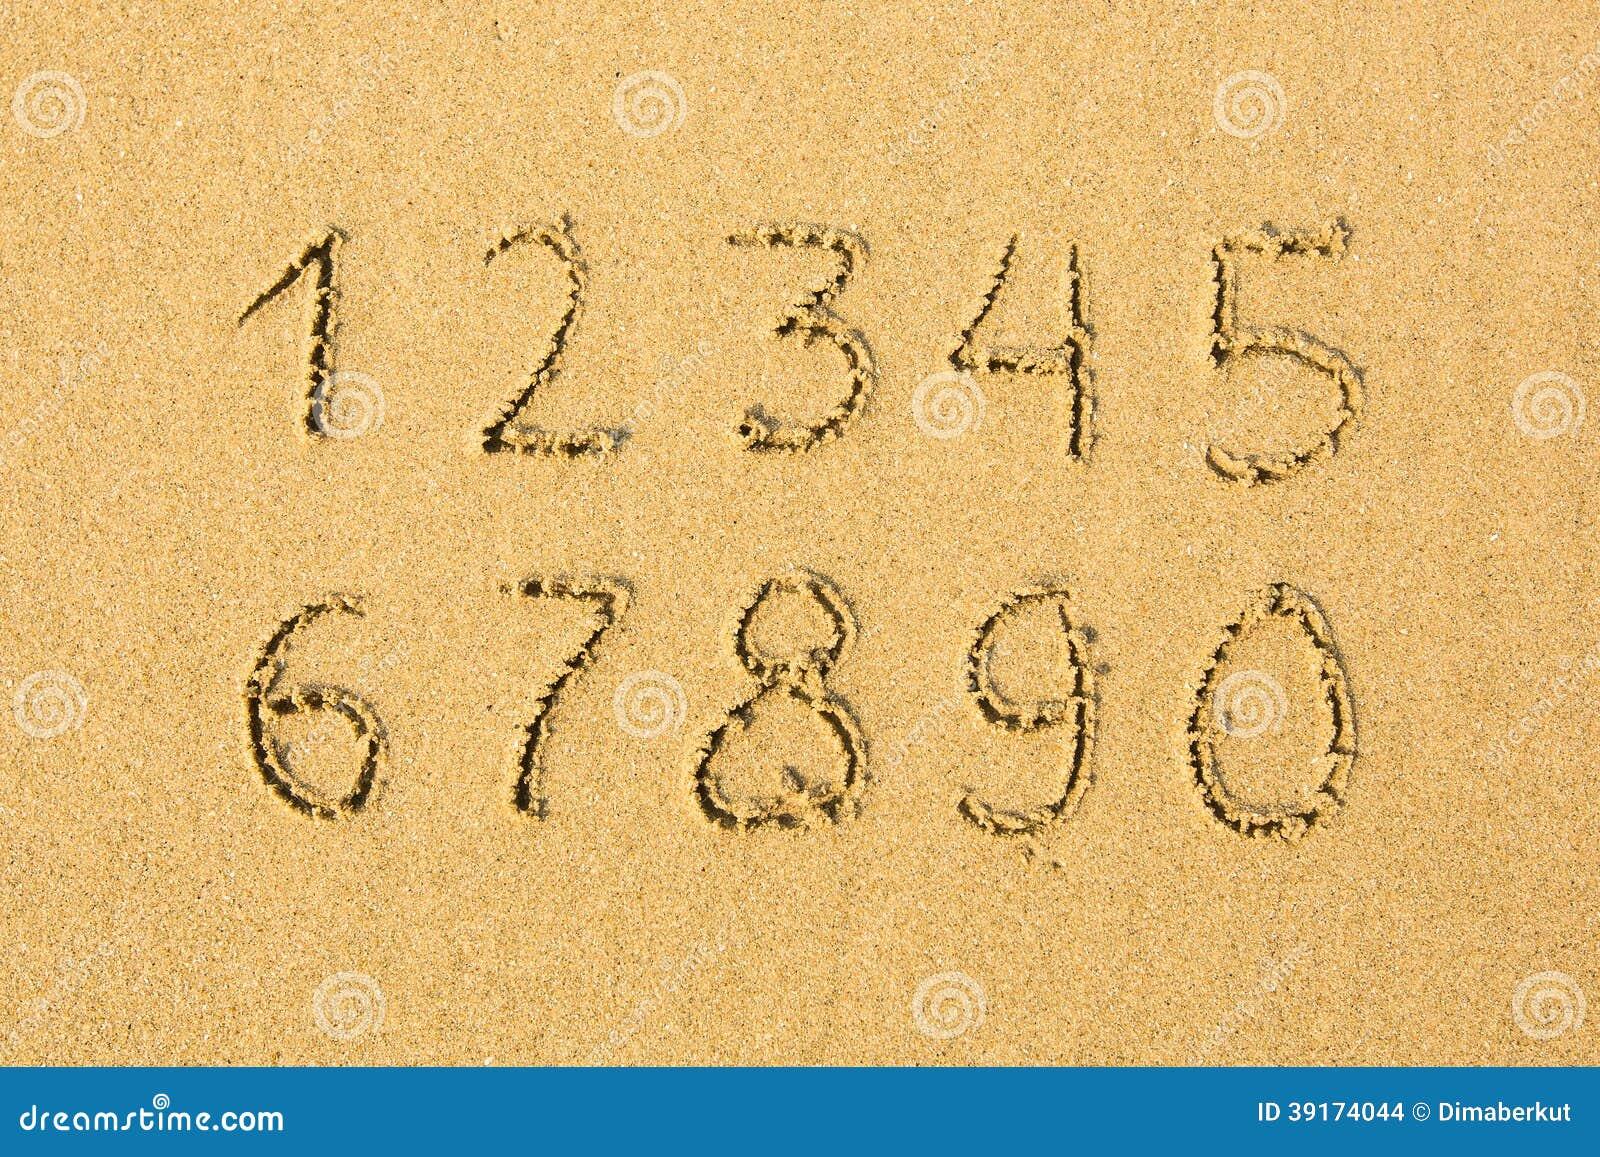 在一个沙滩写的数字 教育图片